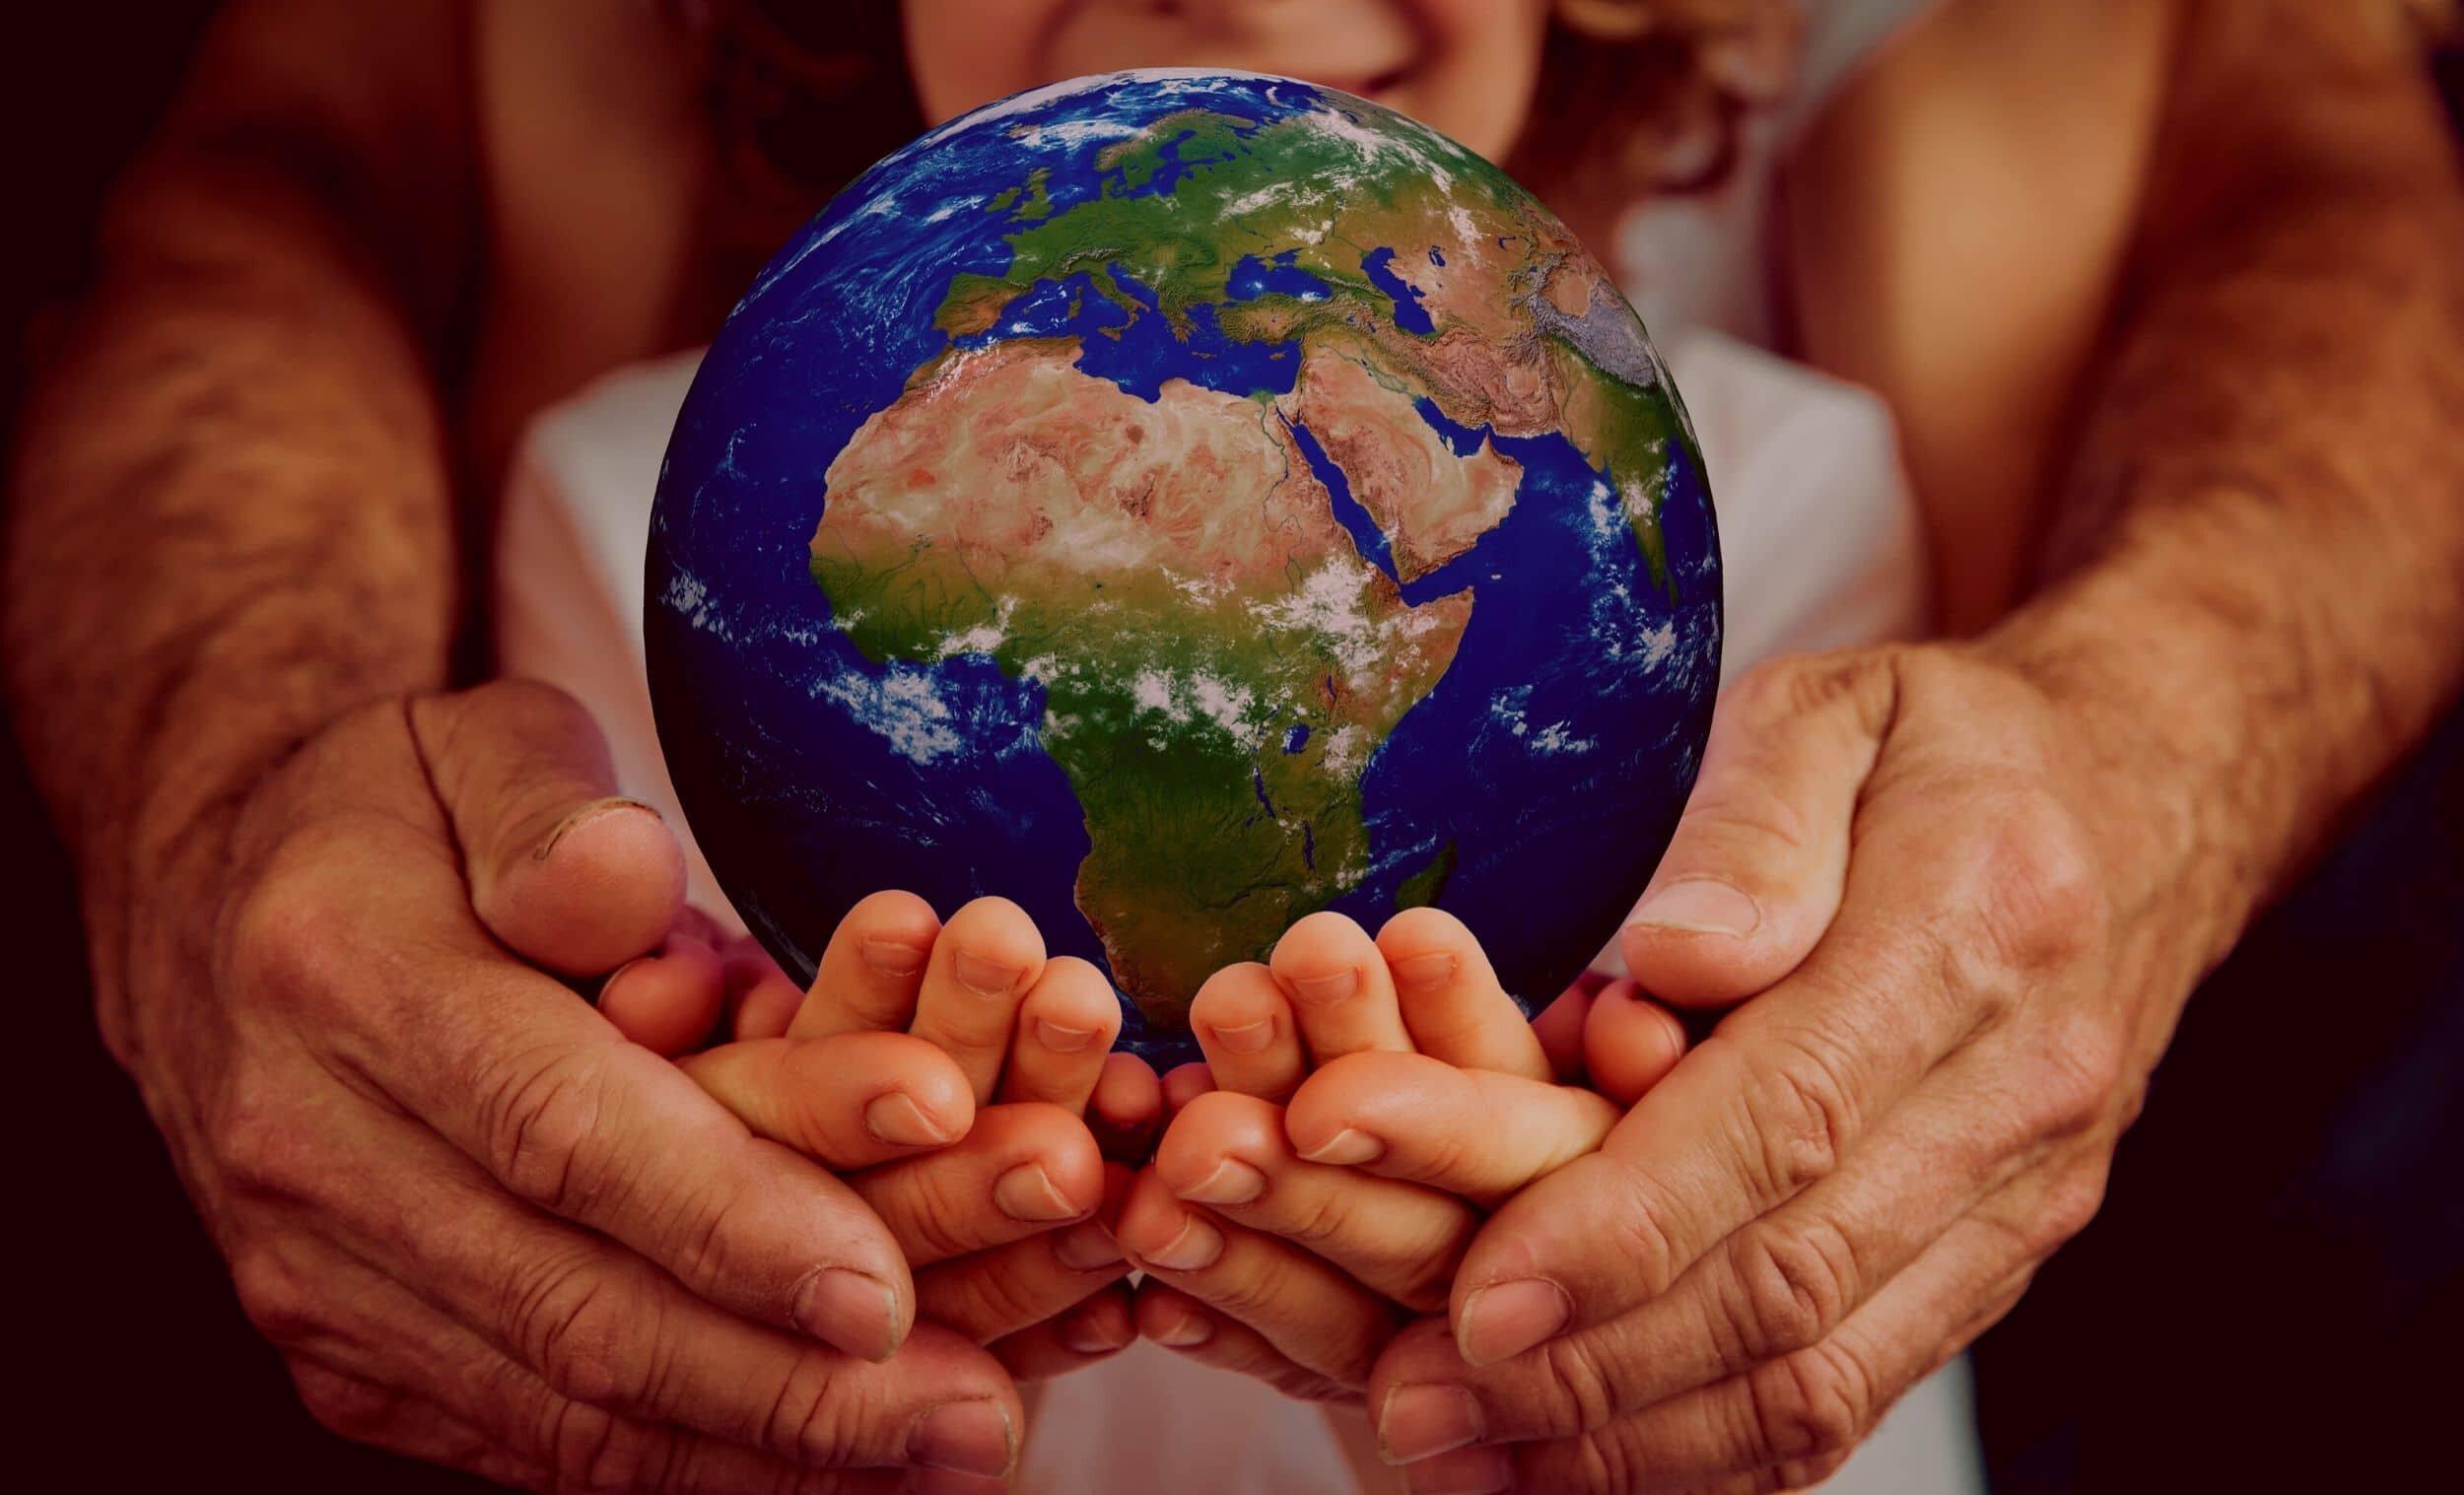 BIG kroki do ocalenia planety co my mozemy robic codziennie aby pomoc wygrac